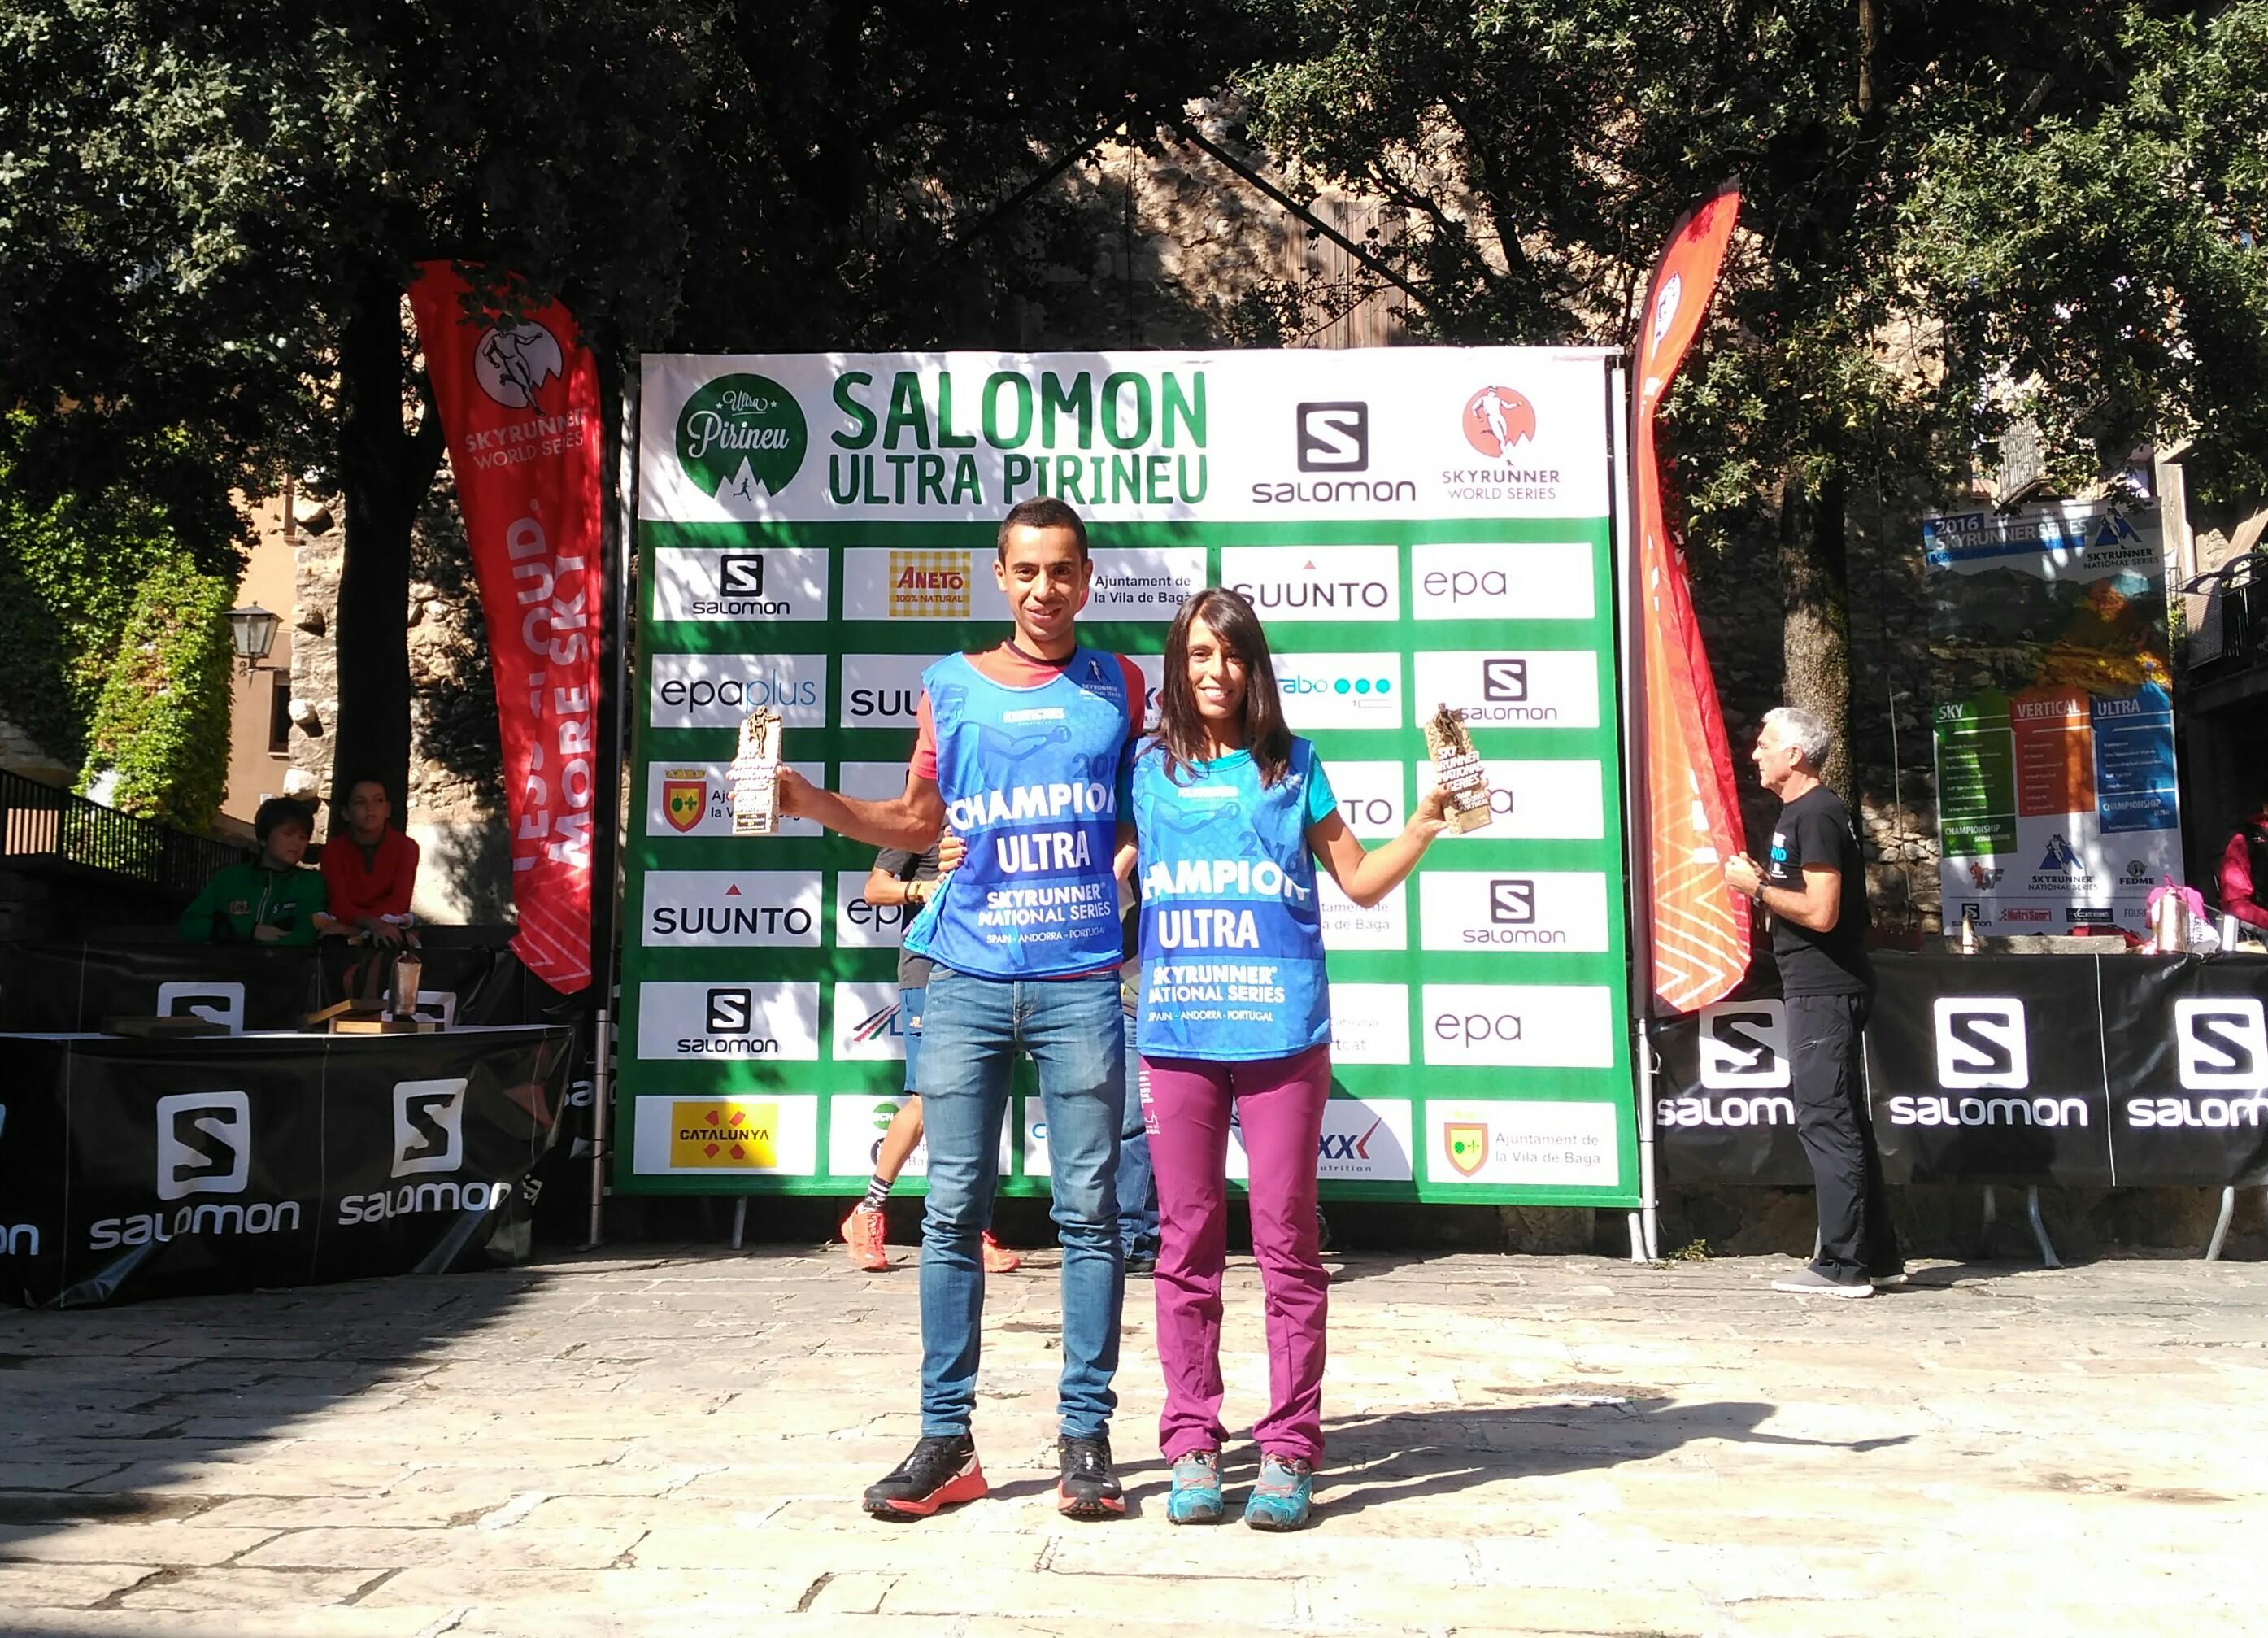 Cristofer Clemente y Gemma Arenas se proclaman campeones de las Ultra Series en Ultra Pirineu